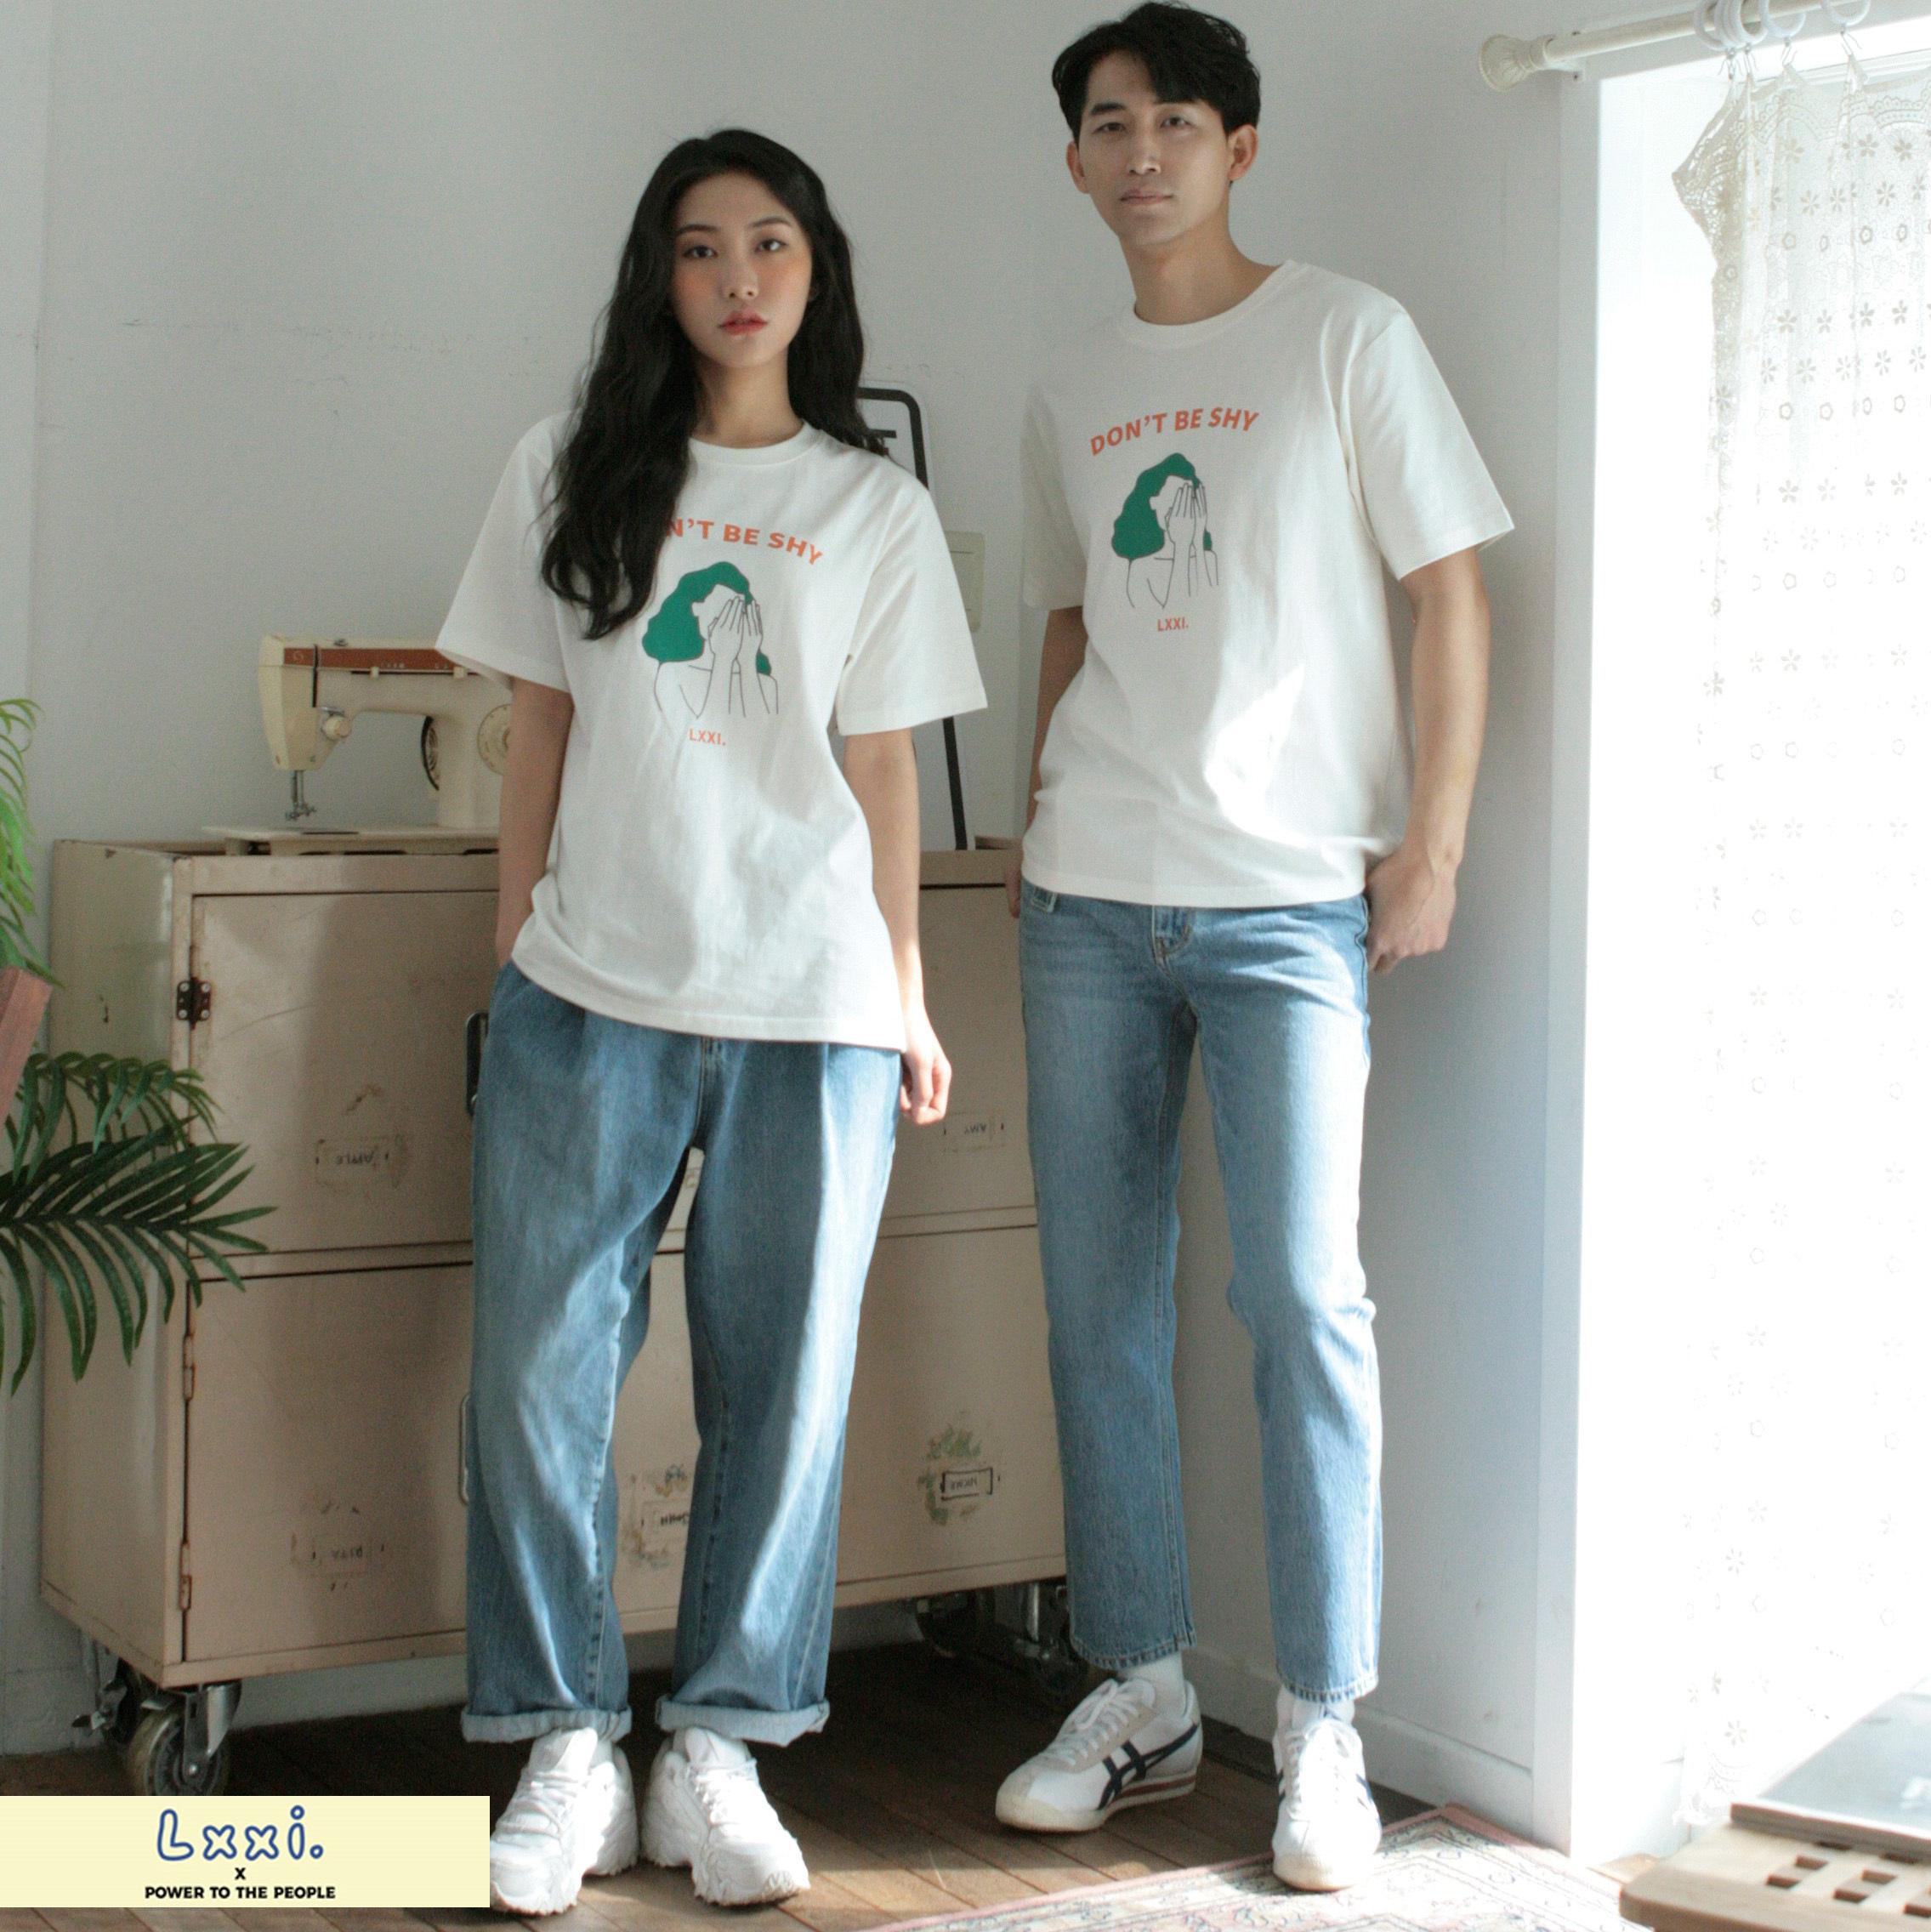 プリントTシャツ【Lxxi】 NO0512152